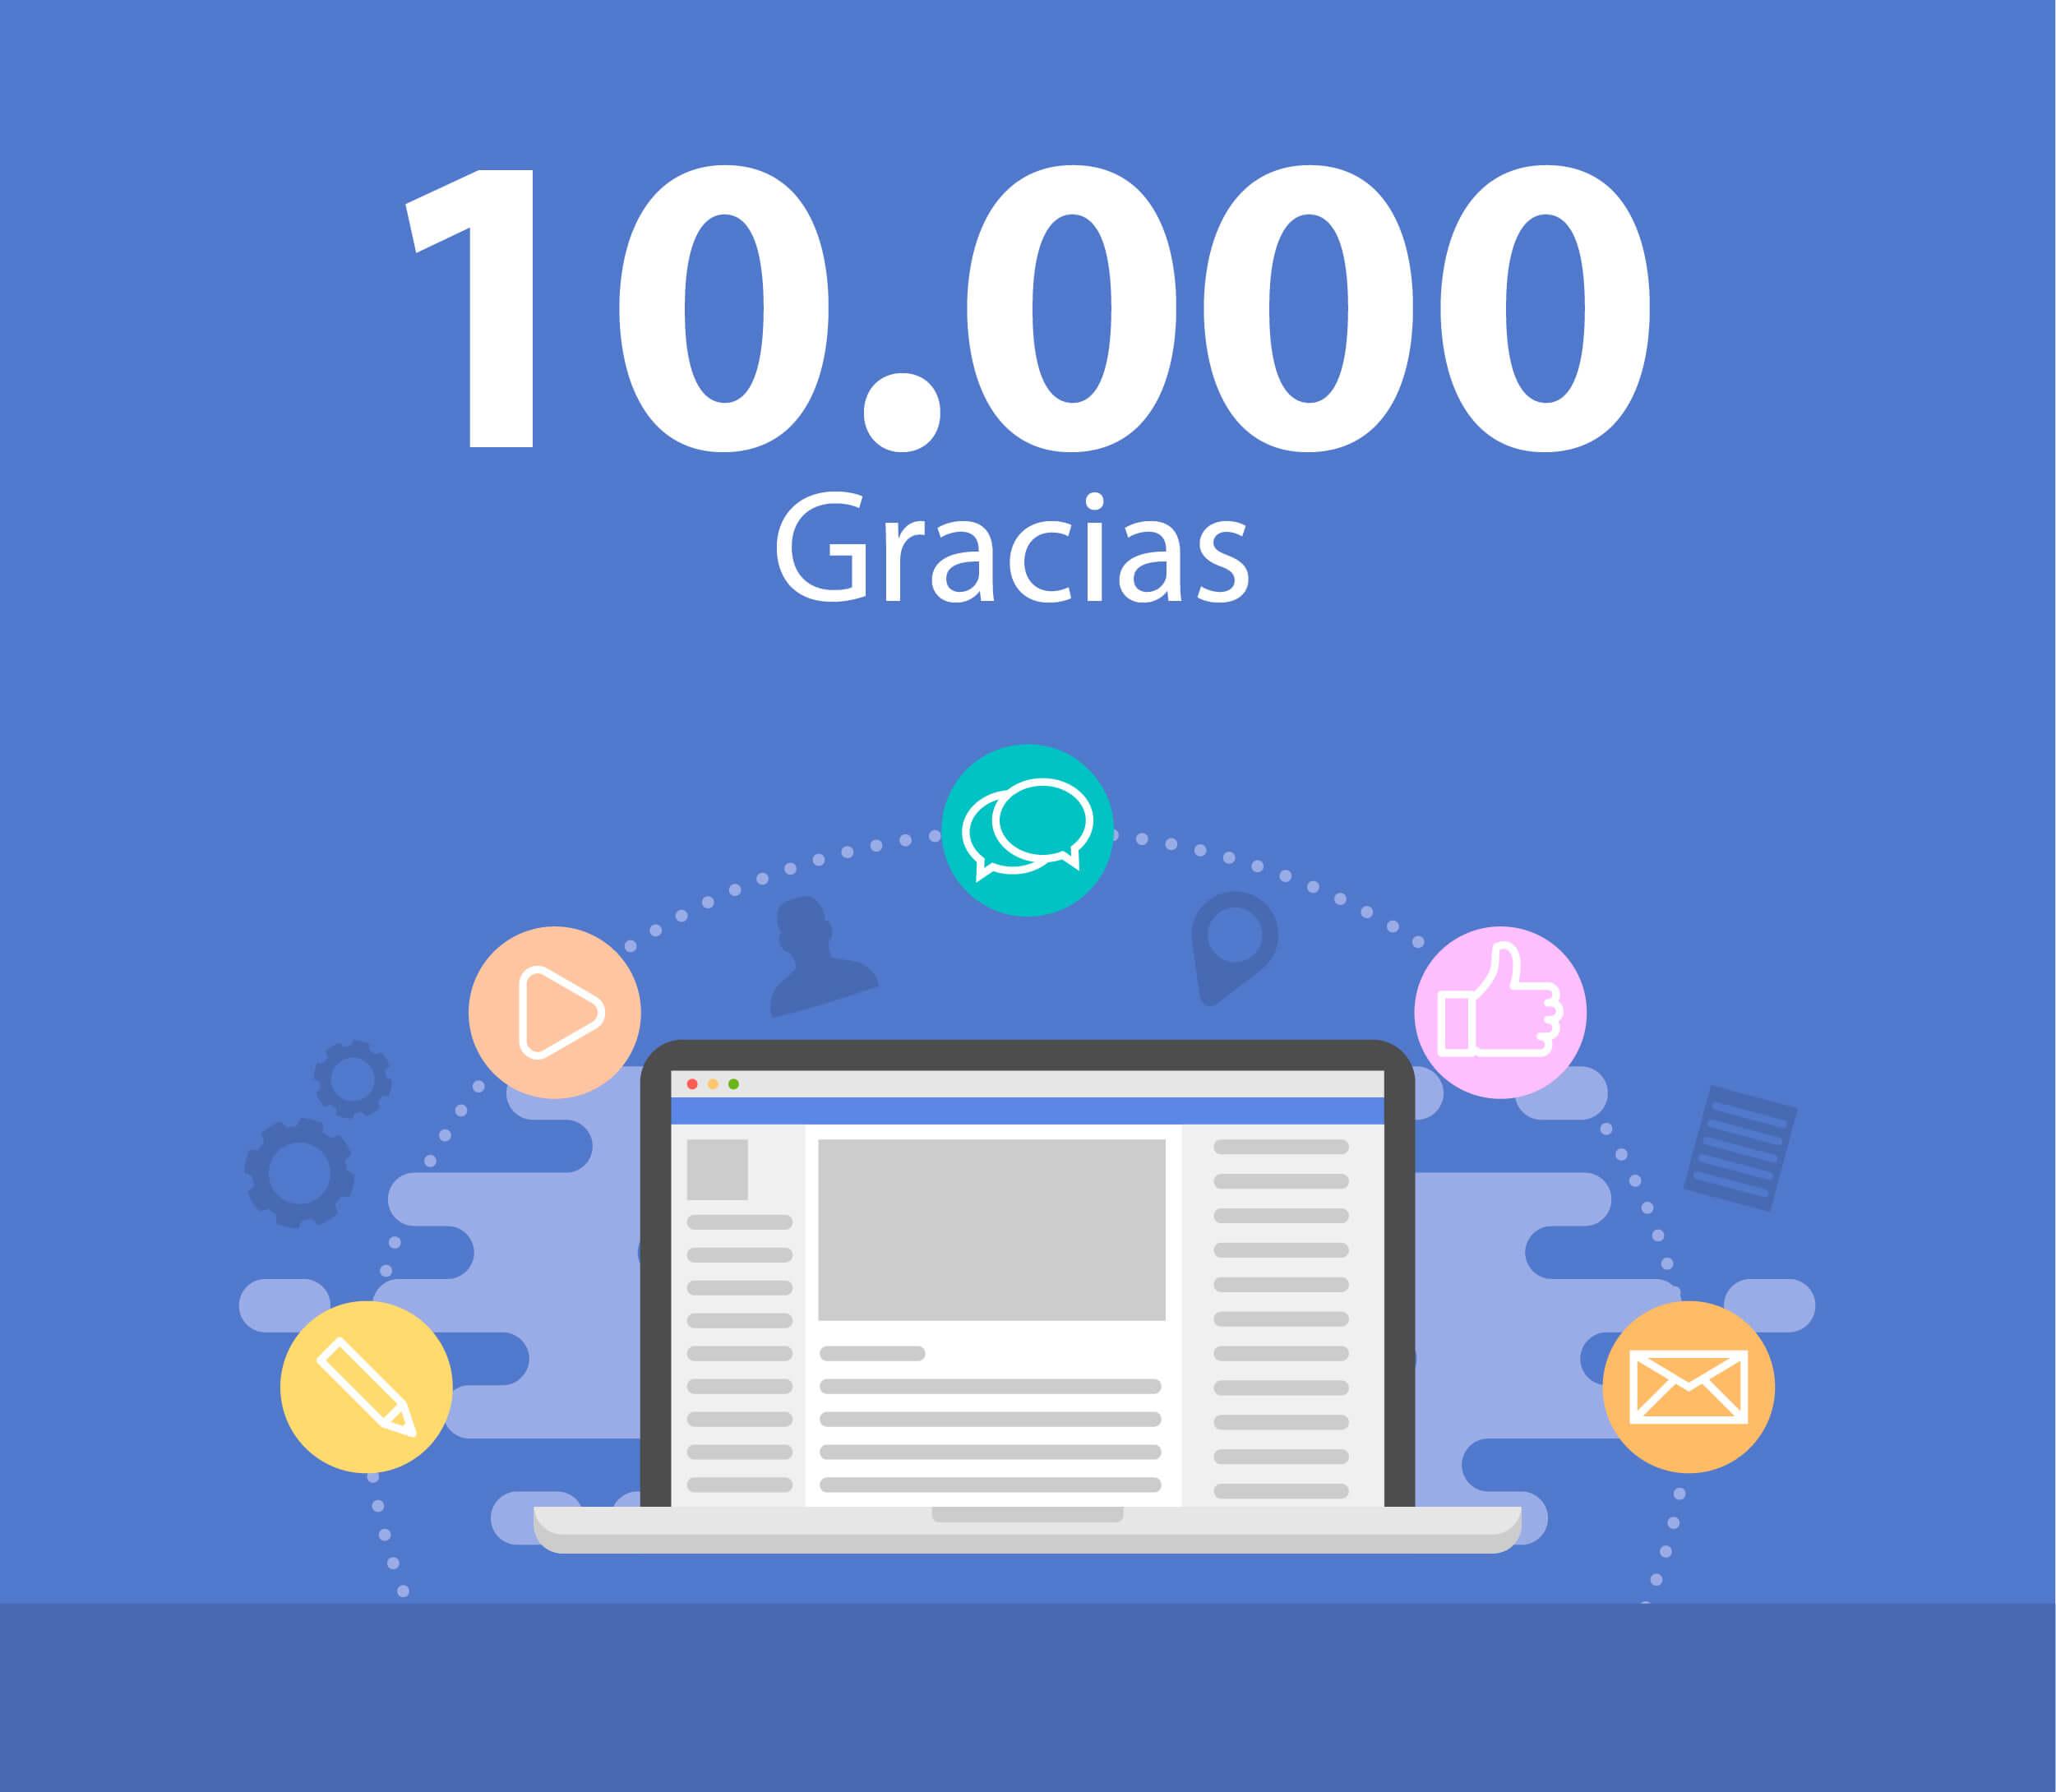 Mediante sitúa en 10.000 fans el facebook de su portal de información local